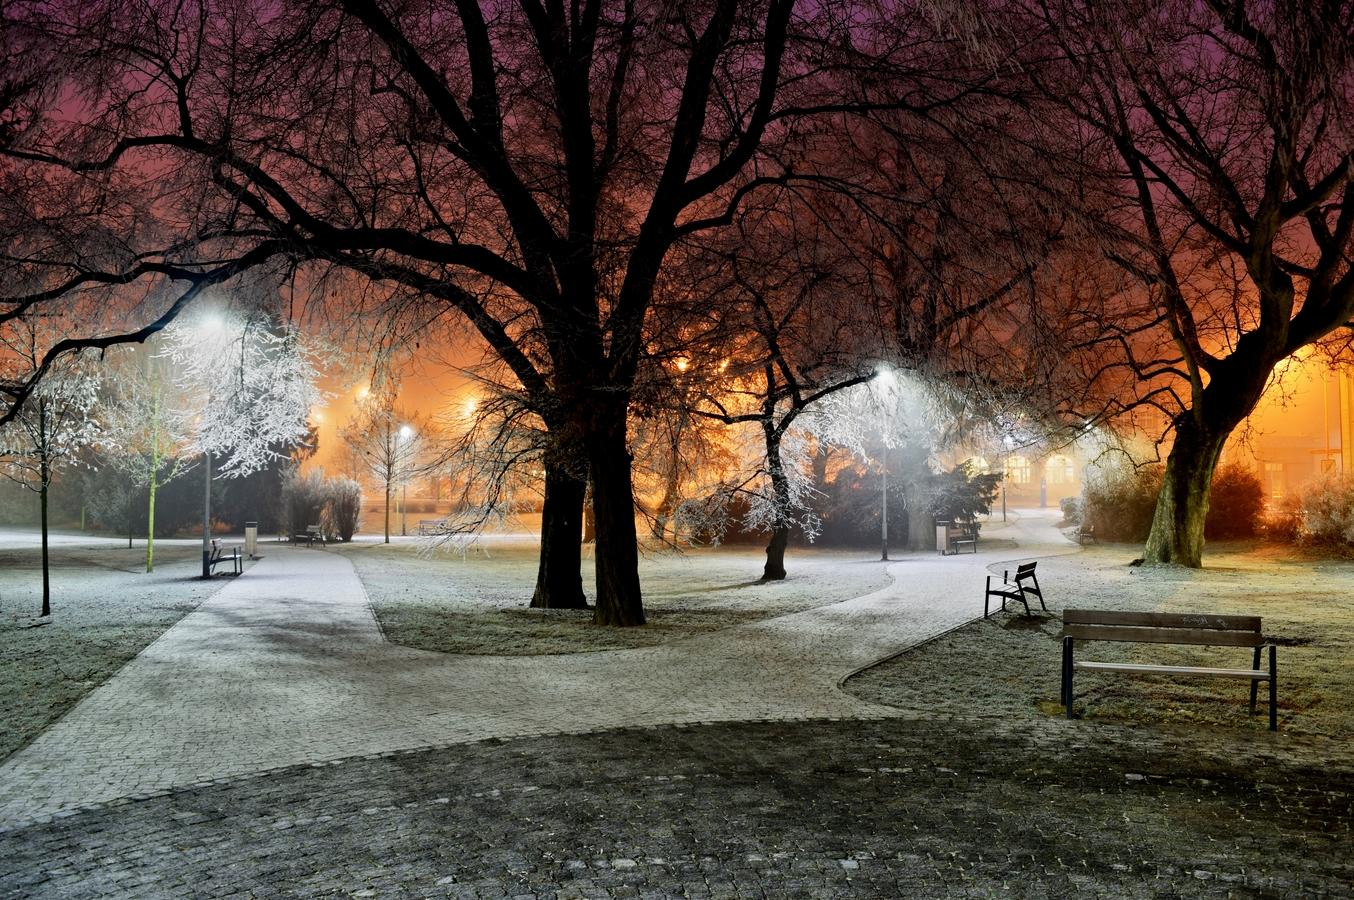 Večerní zamrzlý park